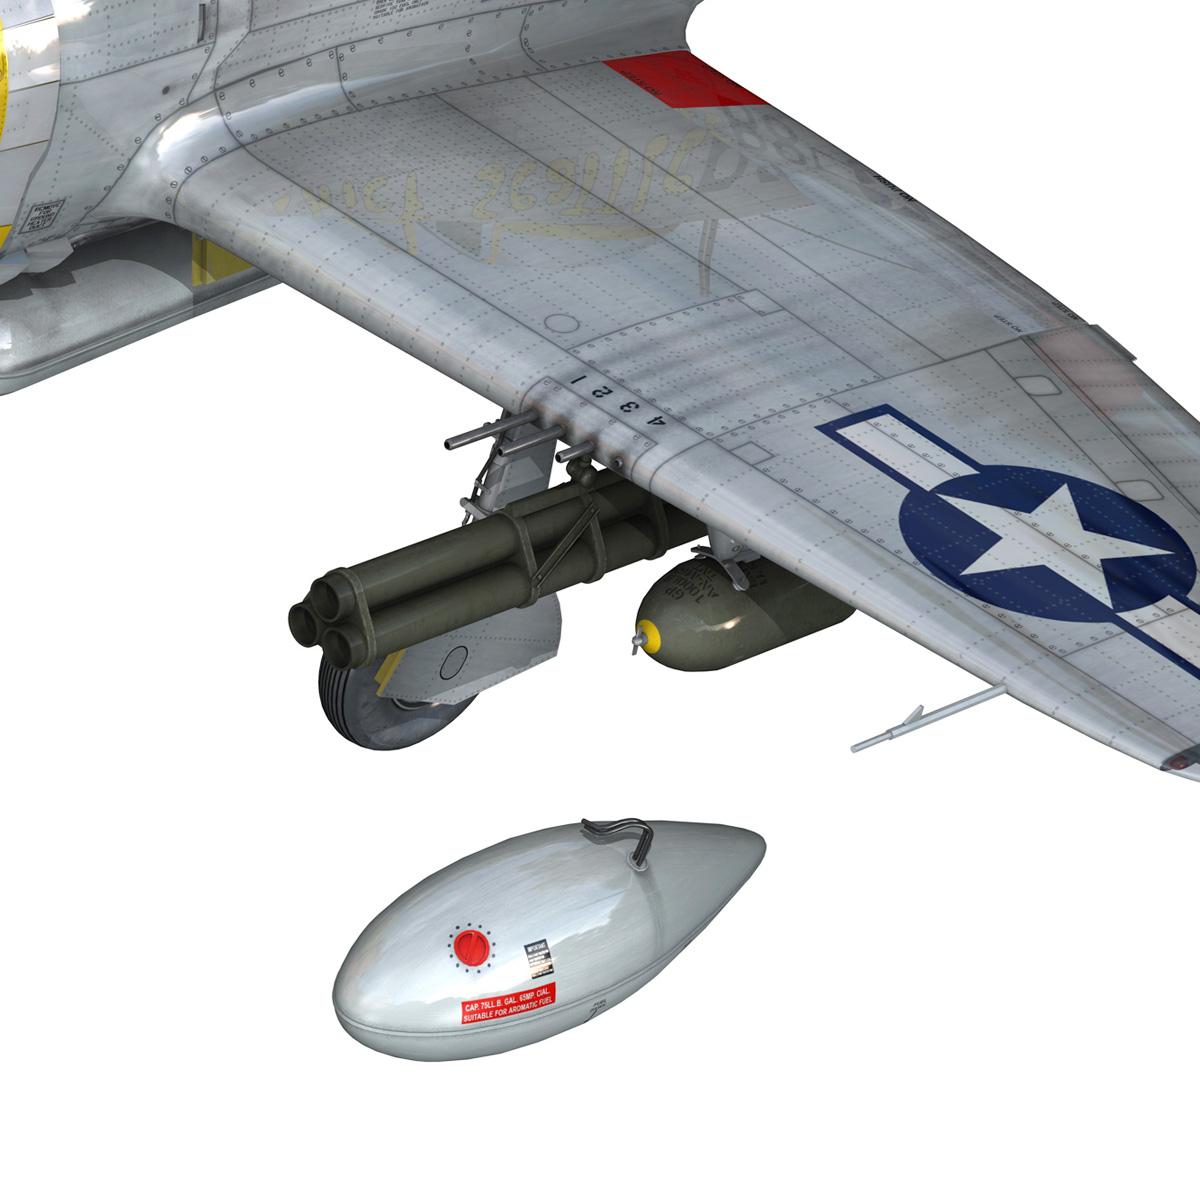 republic p-47d thunderbolt – chief seattle 3d model fbx c4d lwo obj 268216